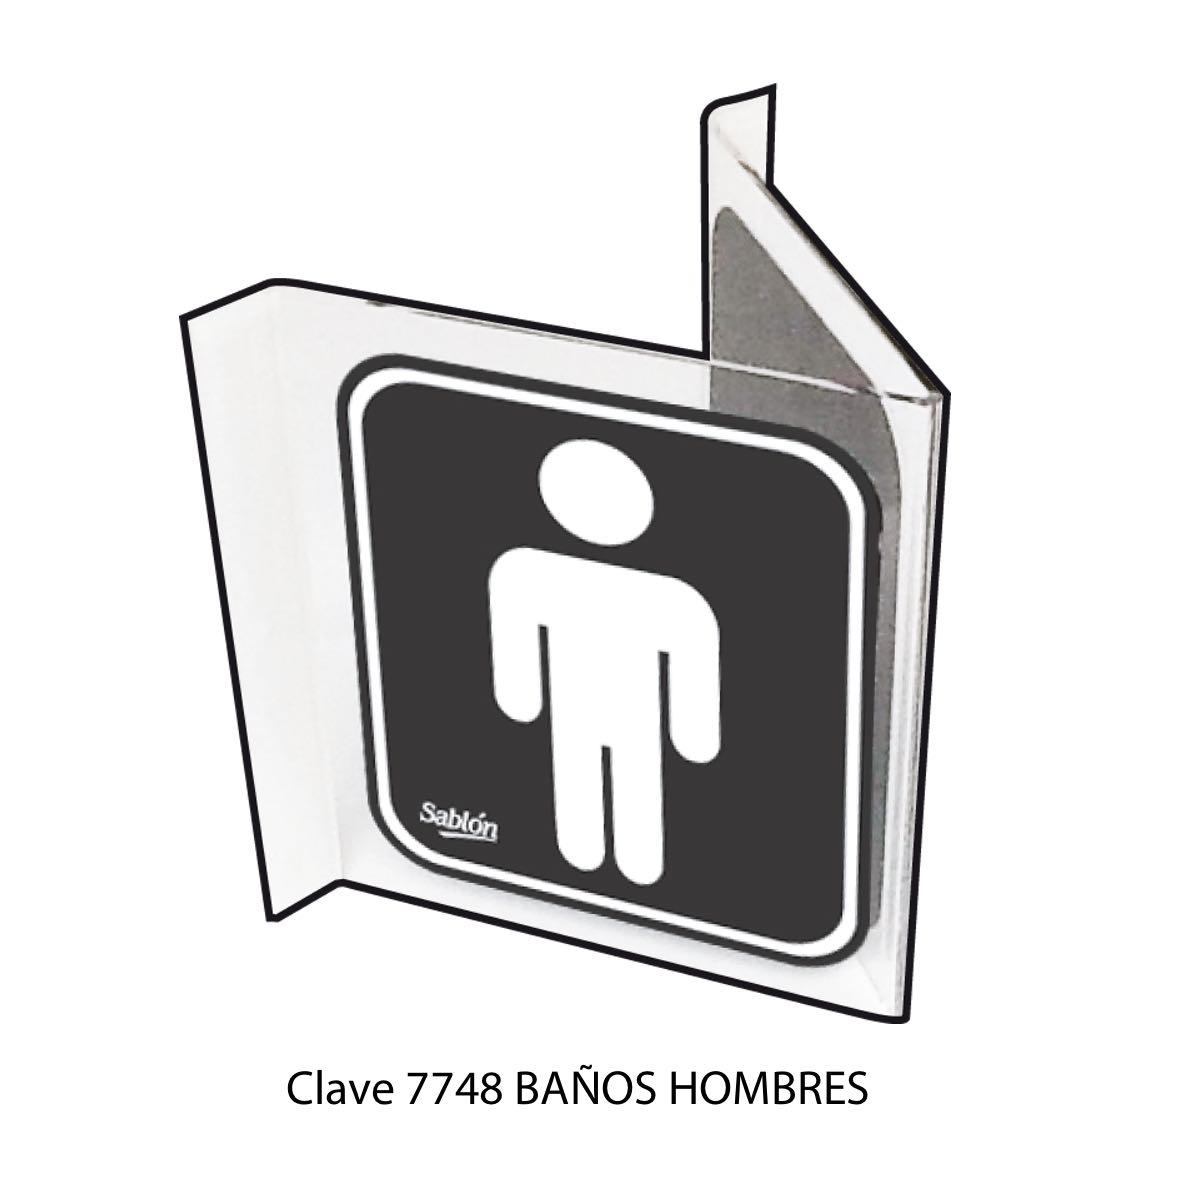 Señal Baños Hombres Modelo 7748 - Sablón